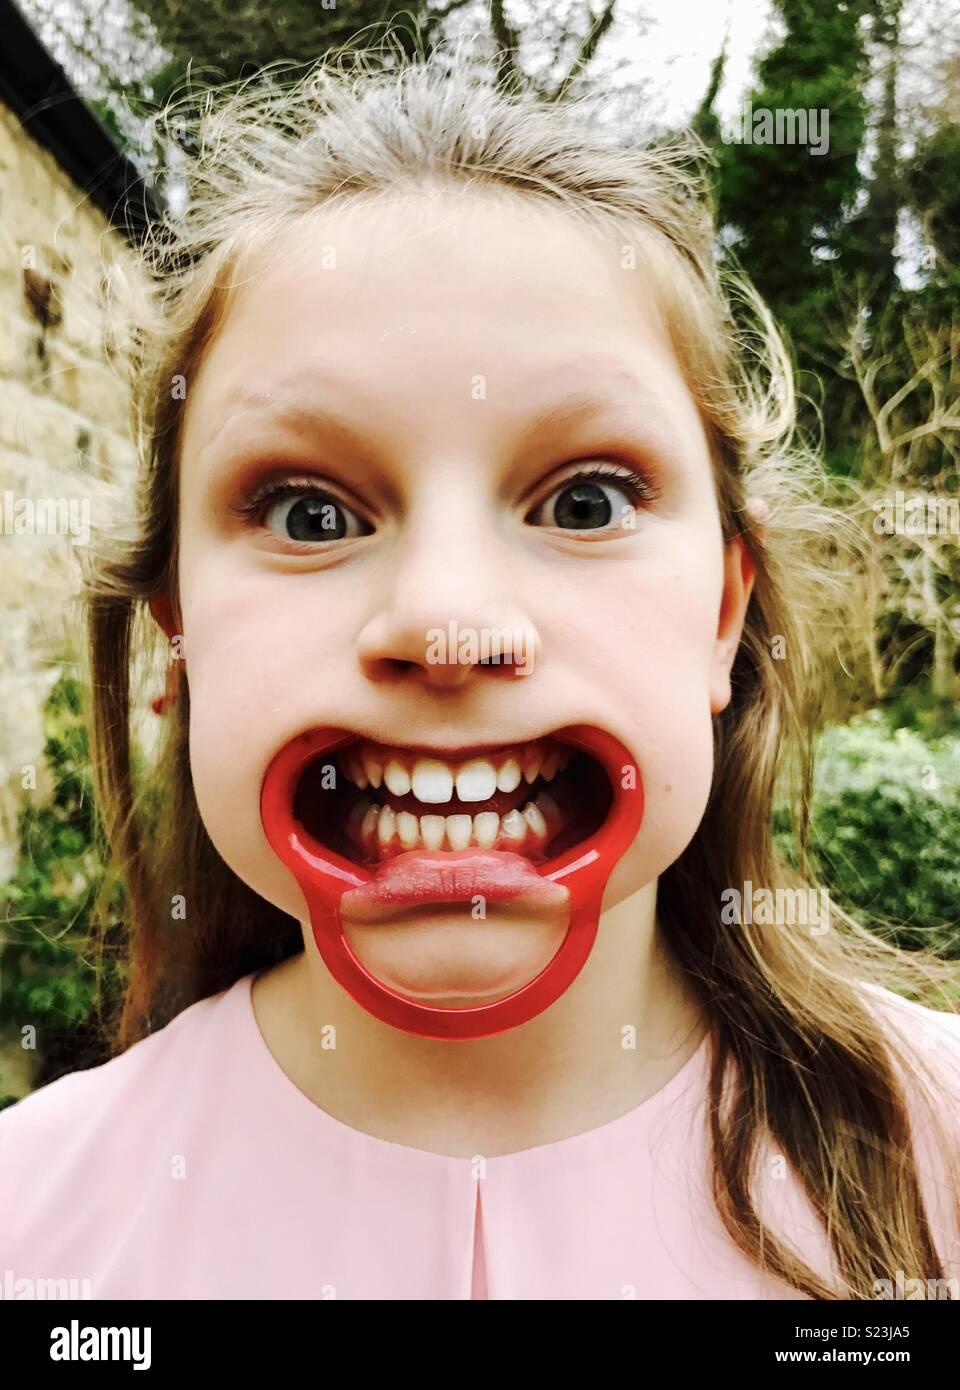 Junge Mädchen sagen, dass es es nicht Spritzen Stockbild